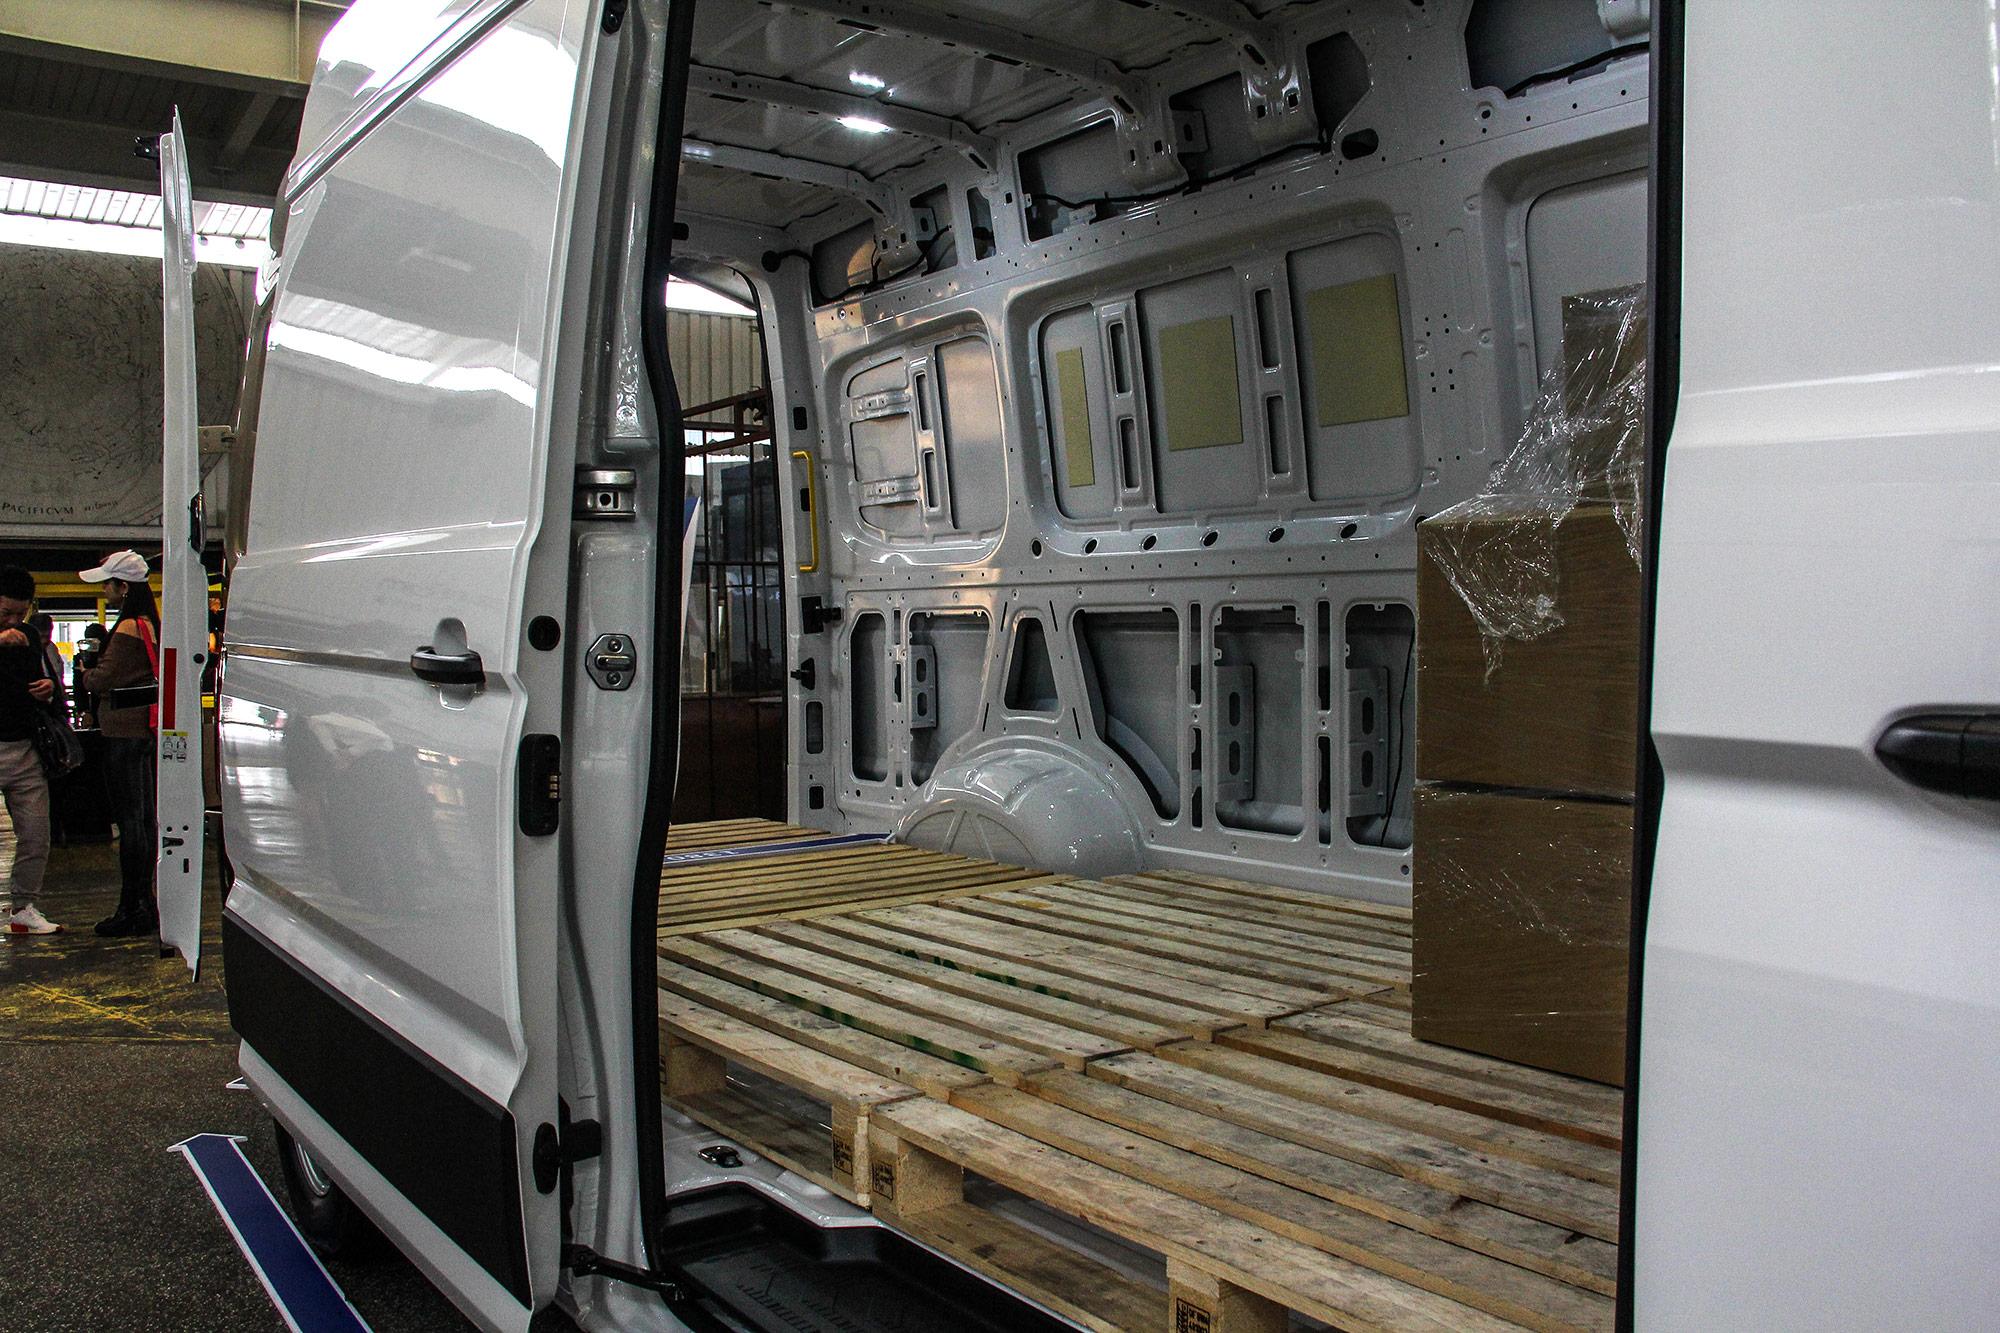 長軸高頂車型的貨艙可置入 4 組 1,000mm x 1,200mm 歐規棧板的貨物。